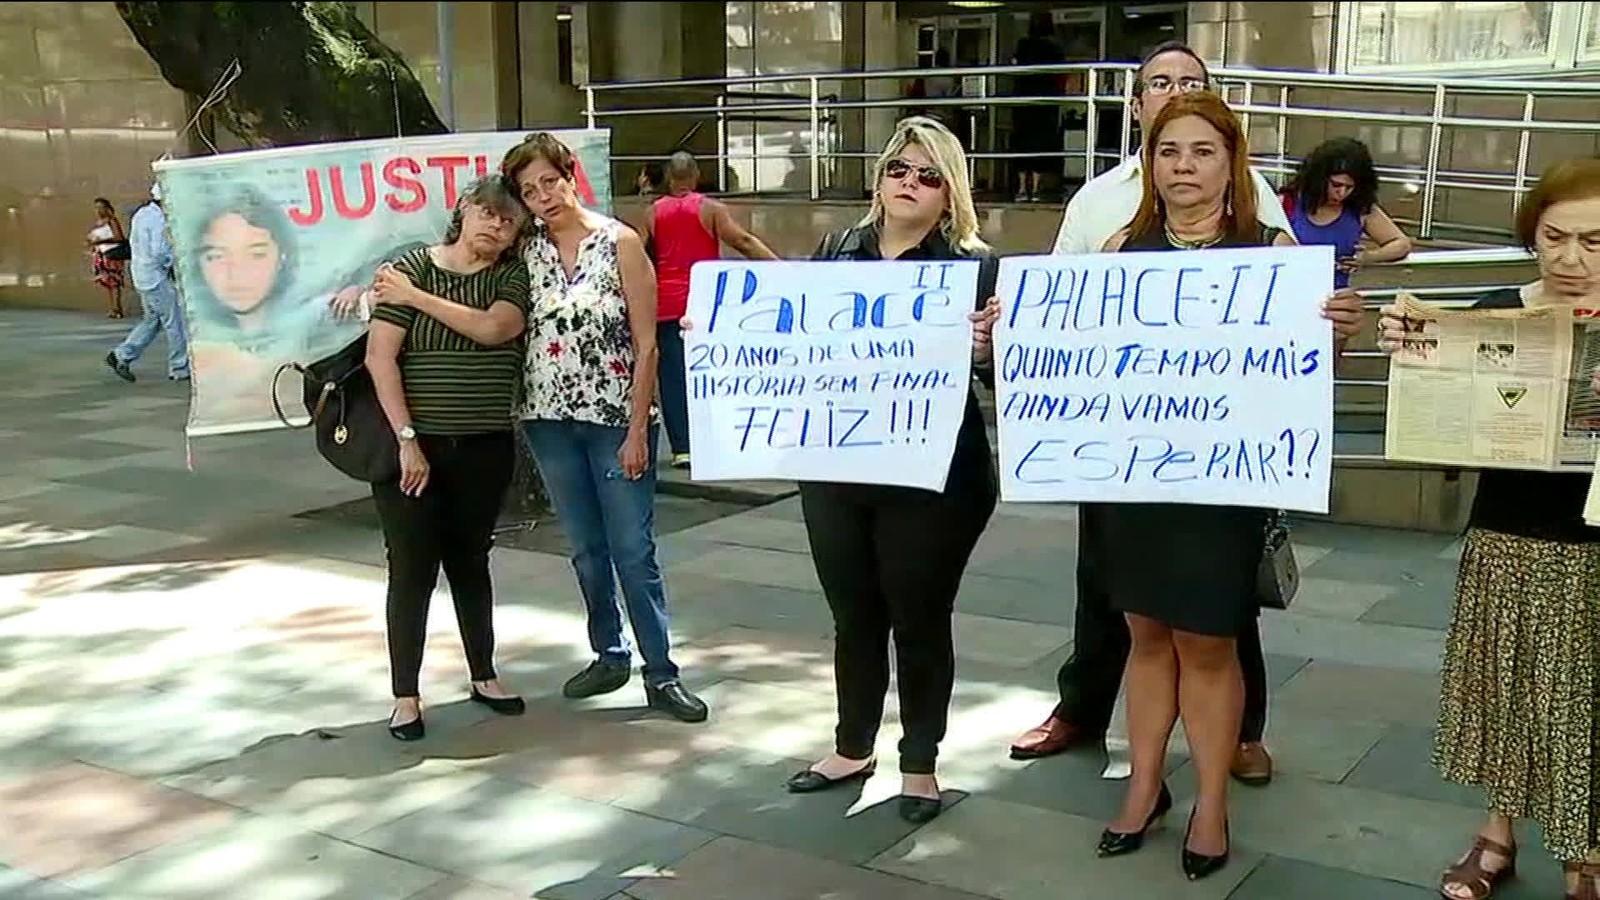 Moradores do Palace II protestam em frente ao Tribunal de Justiça do Rio de Janeiro (Foto: Reprodução/ GloboNews)